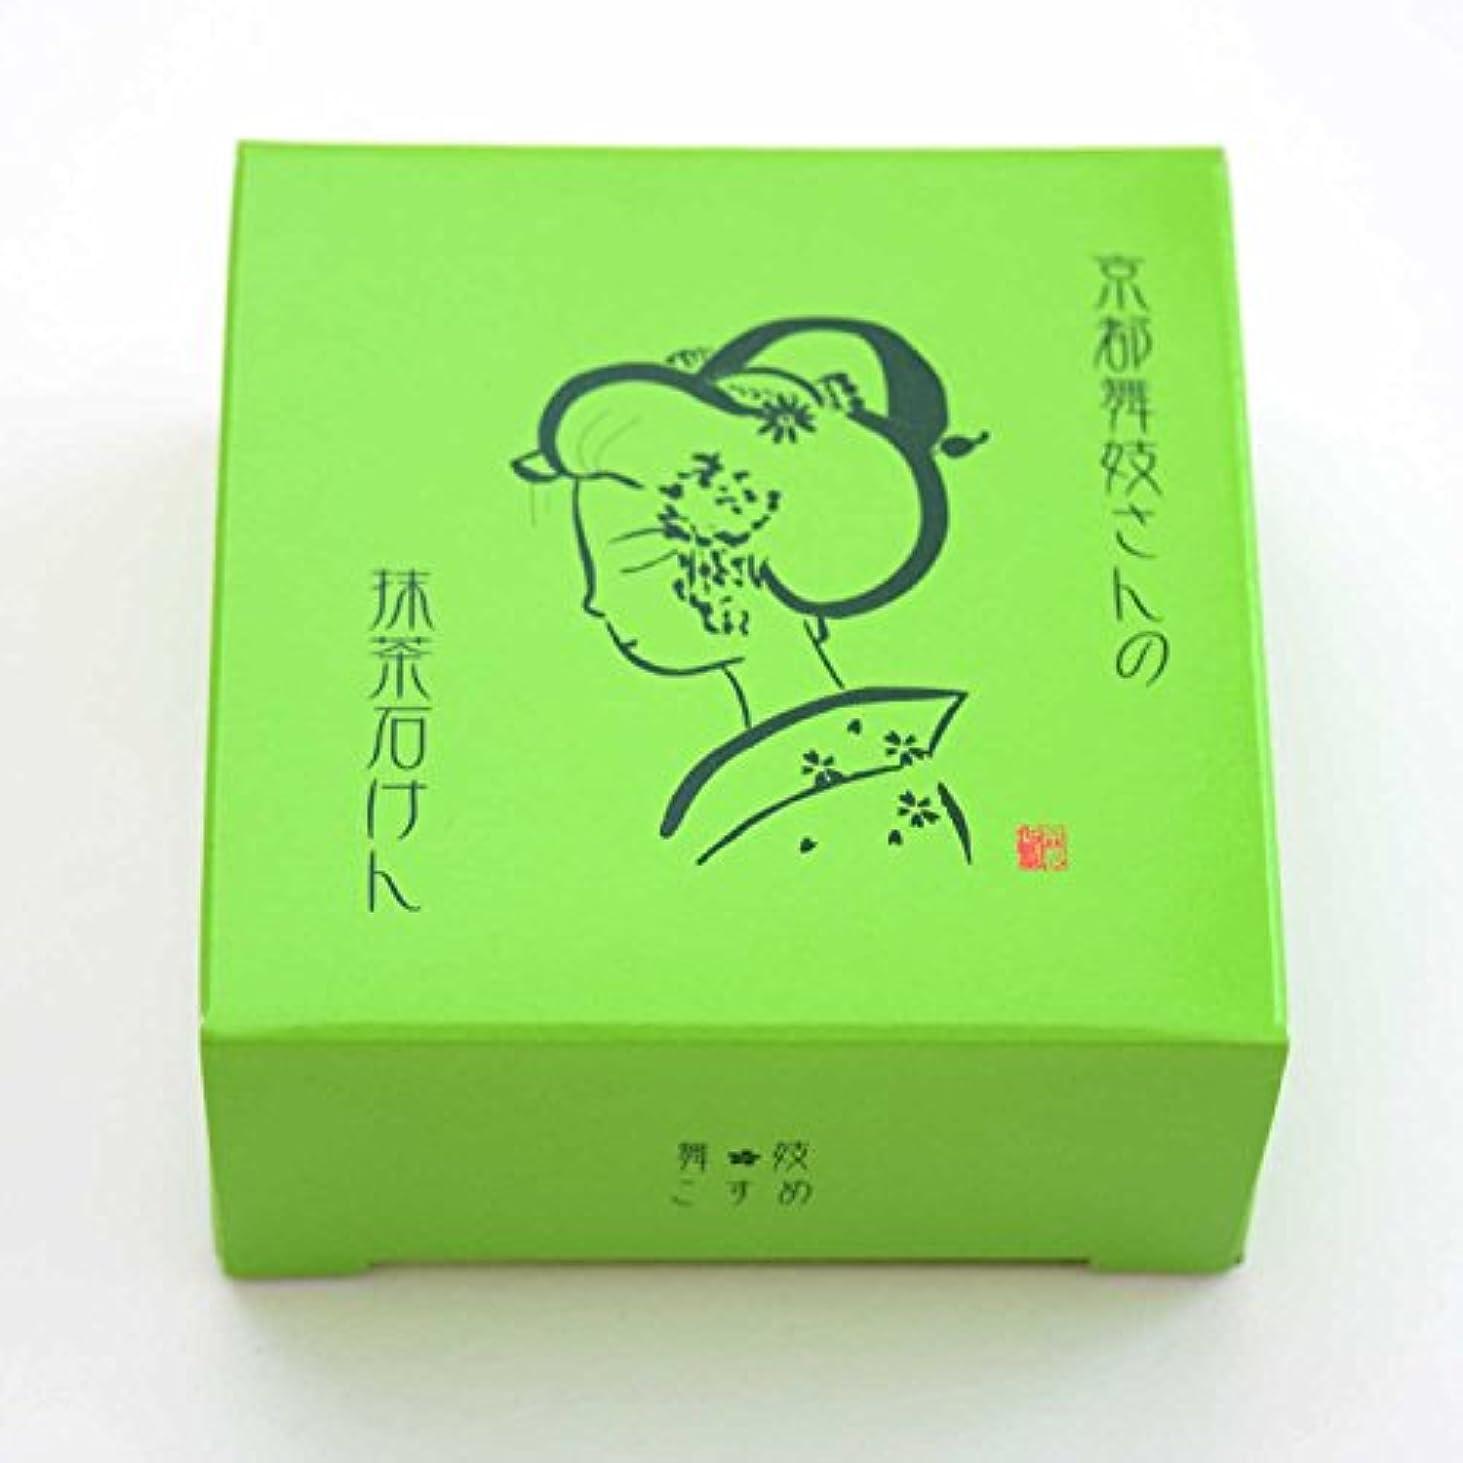 童謡形式ビュッフェ京都限定 舞妓さんの抹茶石鹸 茶エキス配合 無香料